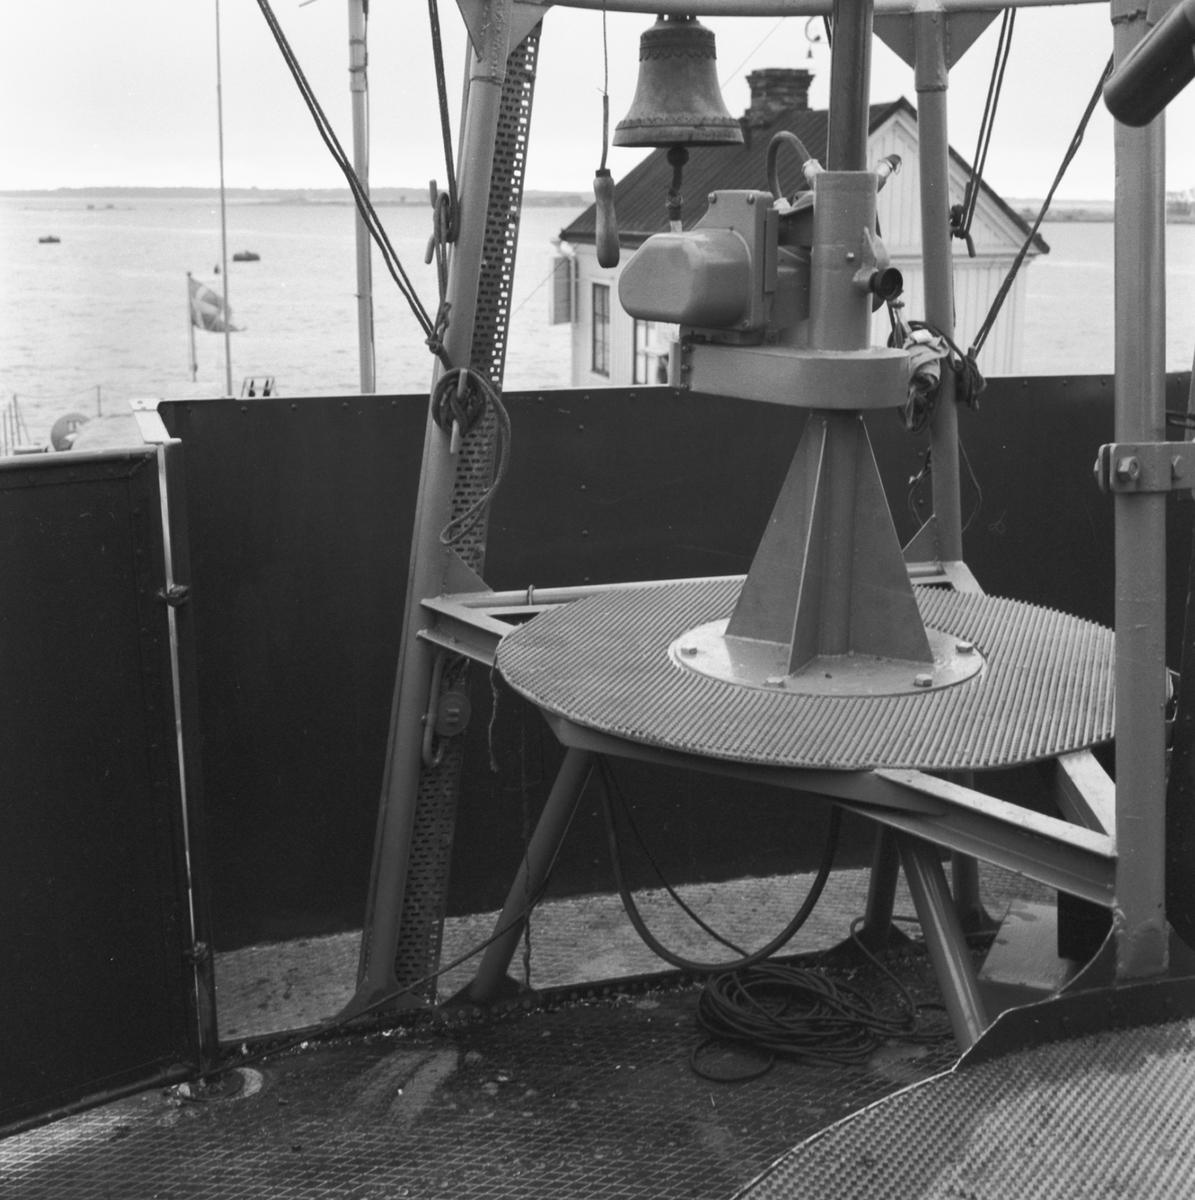 Fartyg: T 109                           Rederi: Kungliga Flottan, Marinen Byggår: 1956 Varv: Lürssen Övrigt: Siktstativ och raketställ mm.